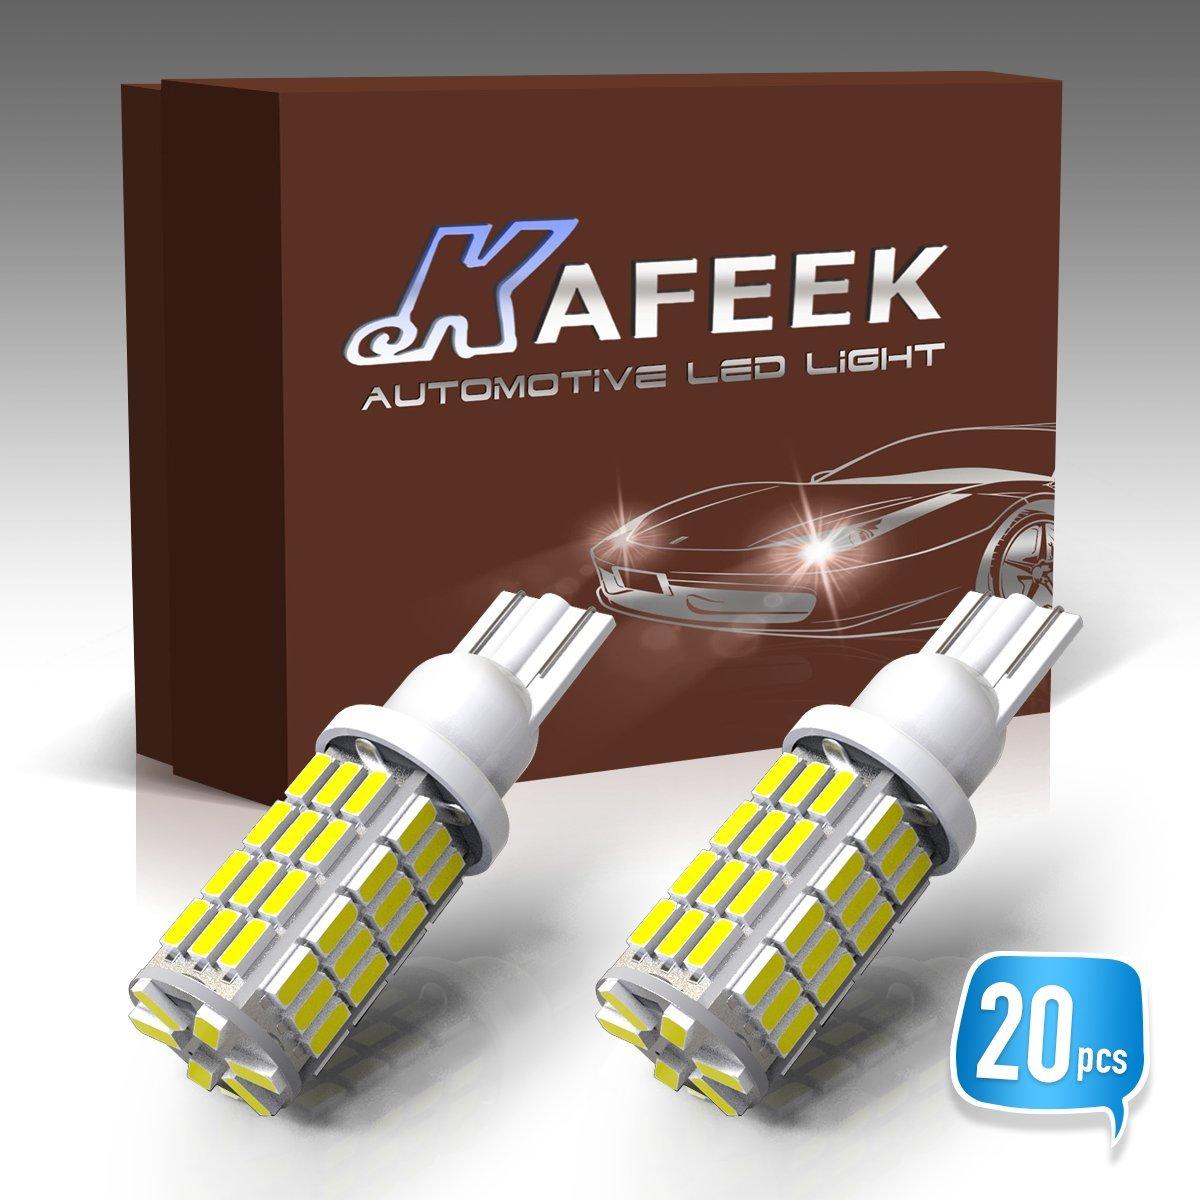 KAFEEK 10x RV Trailer T10 921 194 168 2825 912 LED Bulbs 12V Interior Light Backup Reverse Light 54-3014 Chipset, White